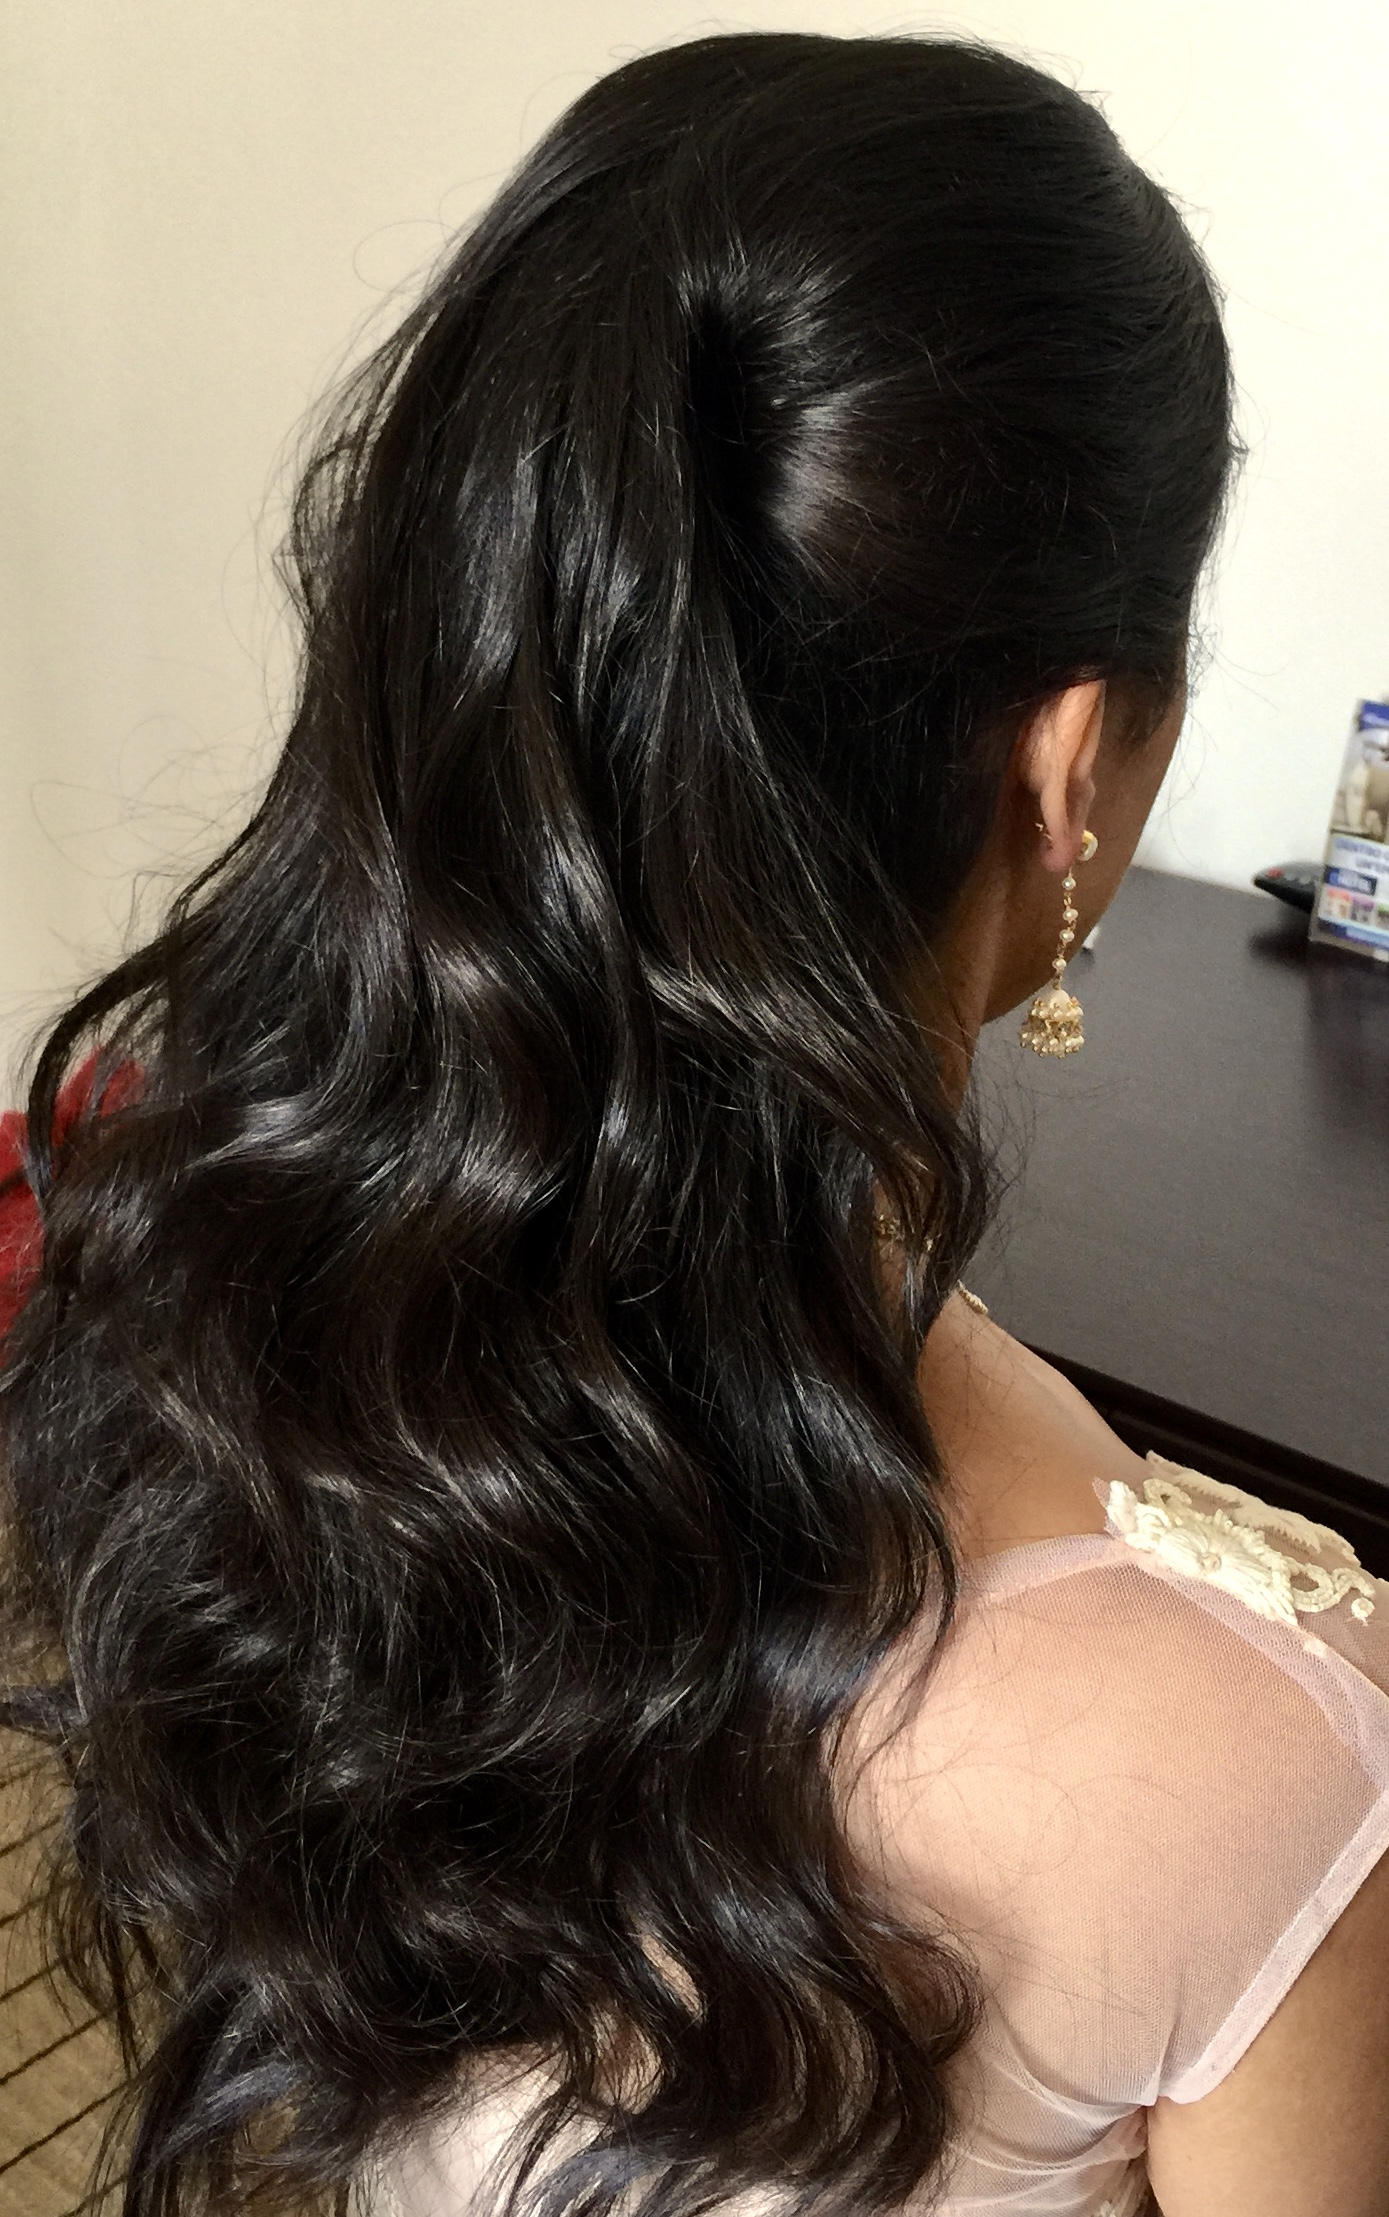 hair-pic18